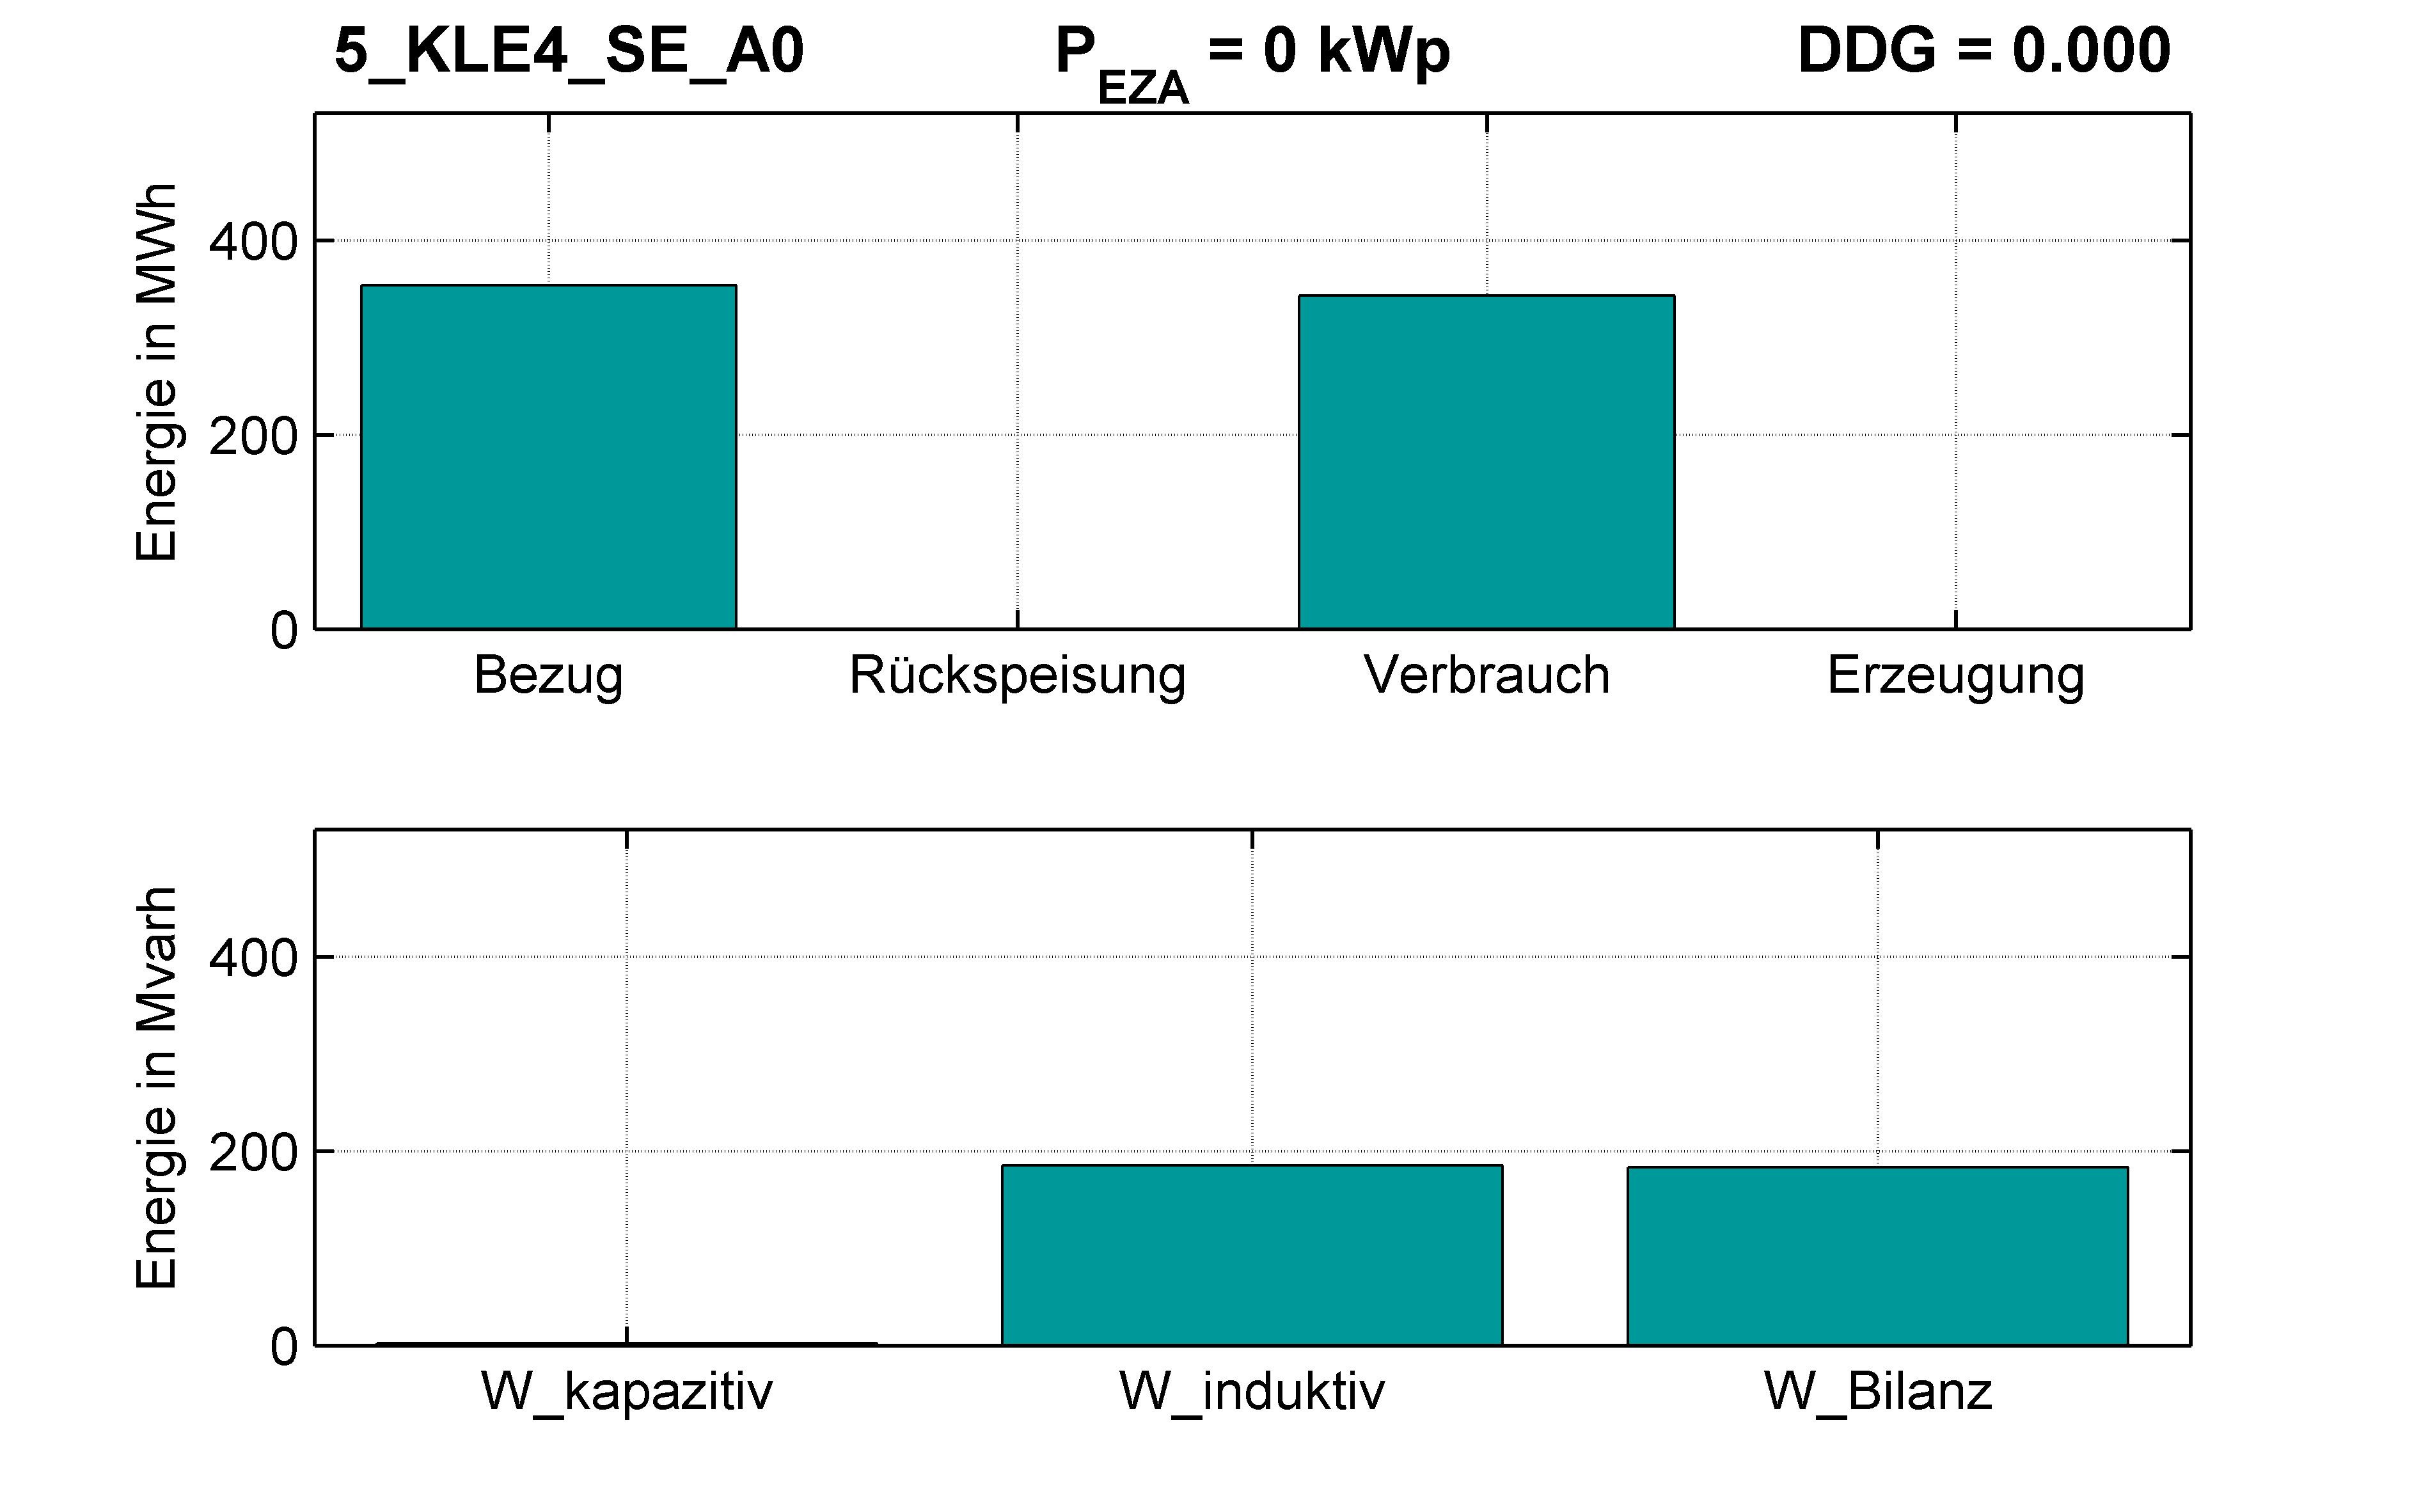 KLE4 | STATION (SE) A0 | PQ-Bilanz